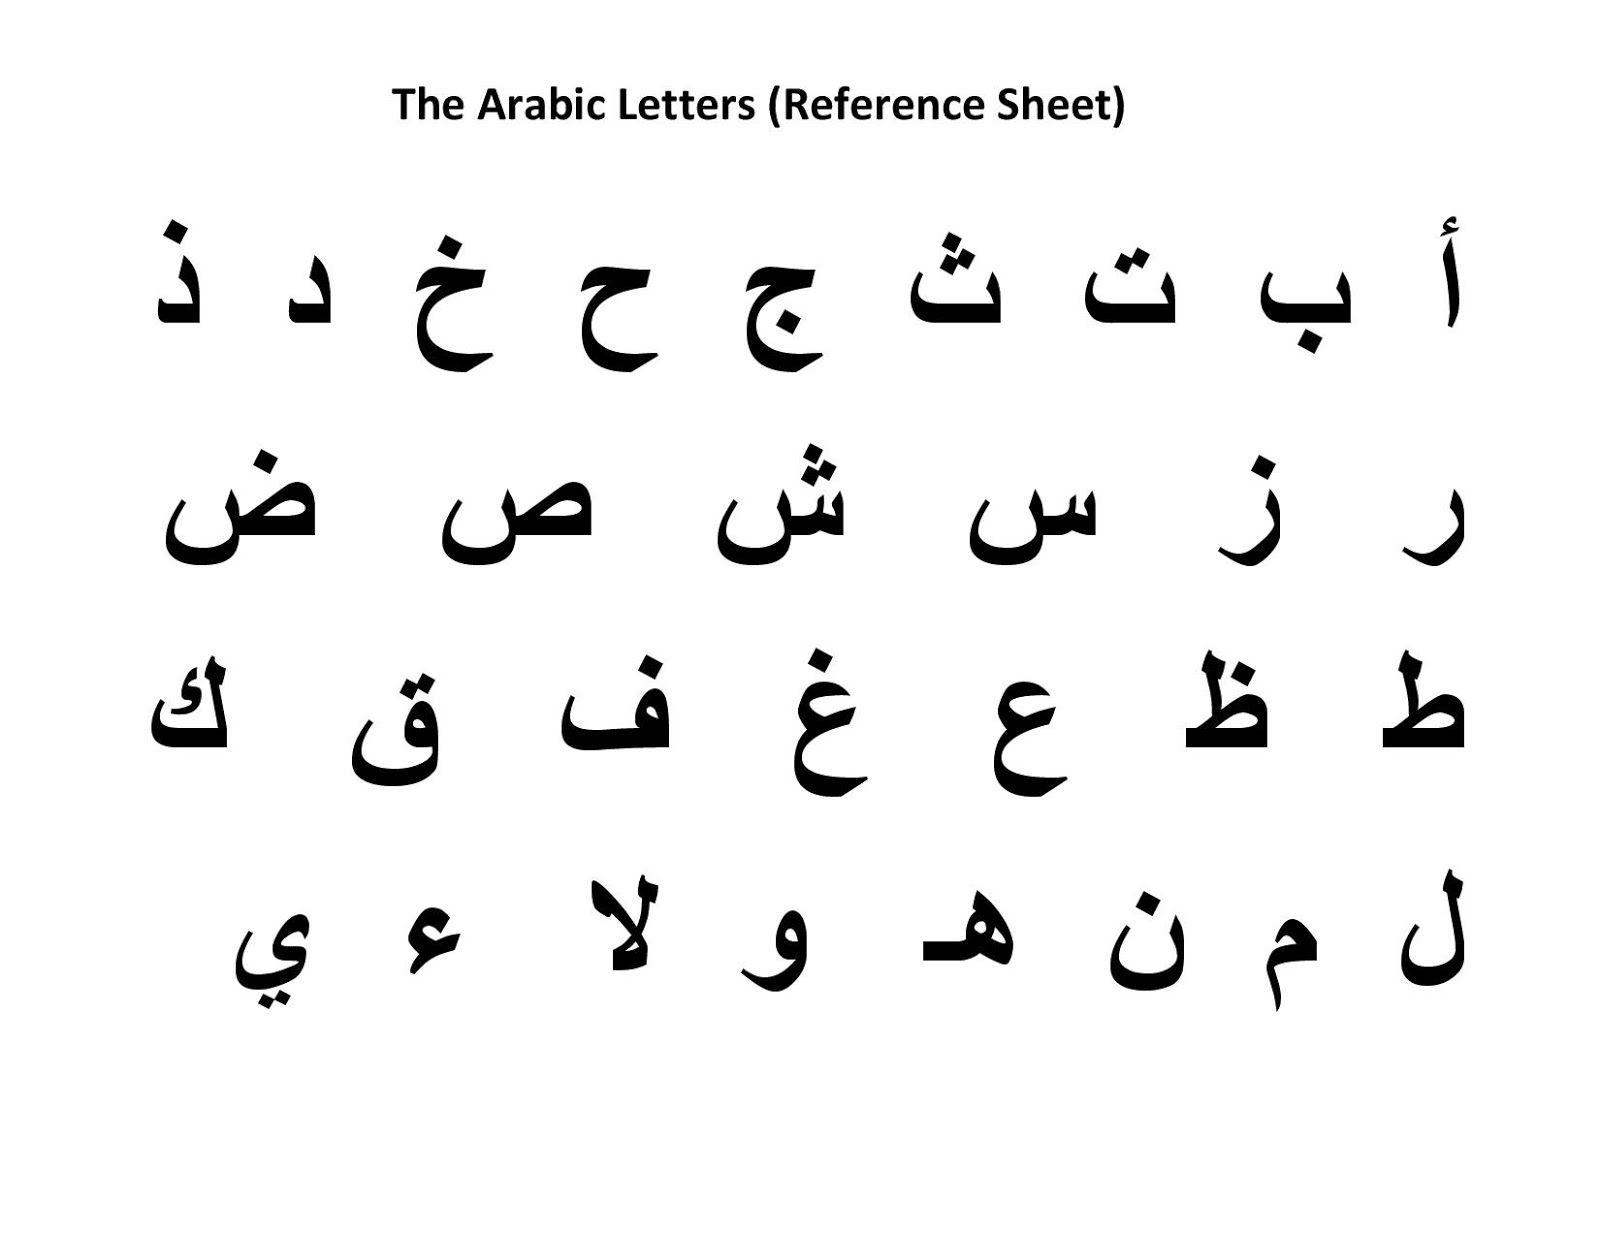 Arabic Alphabets 1 600 1 236 Pixels